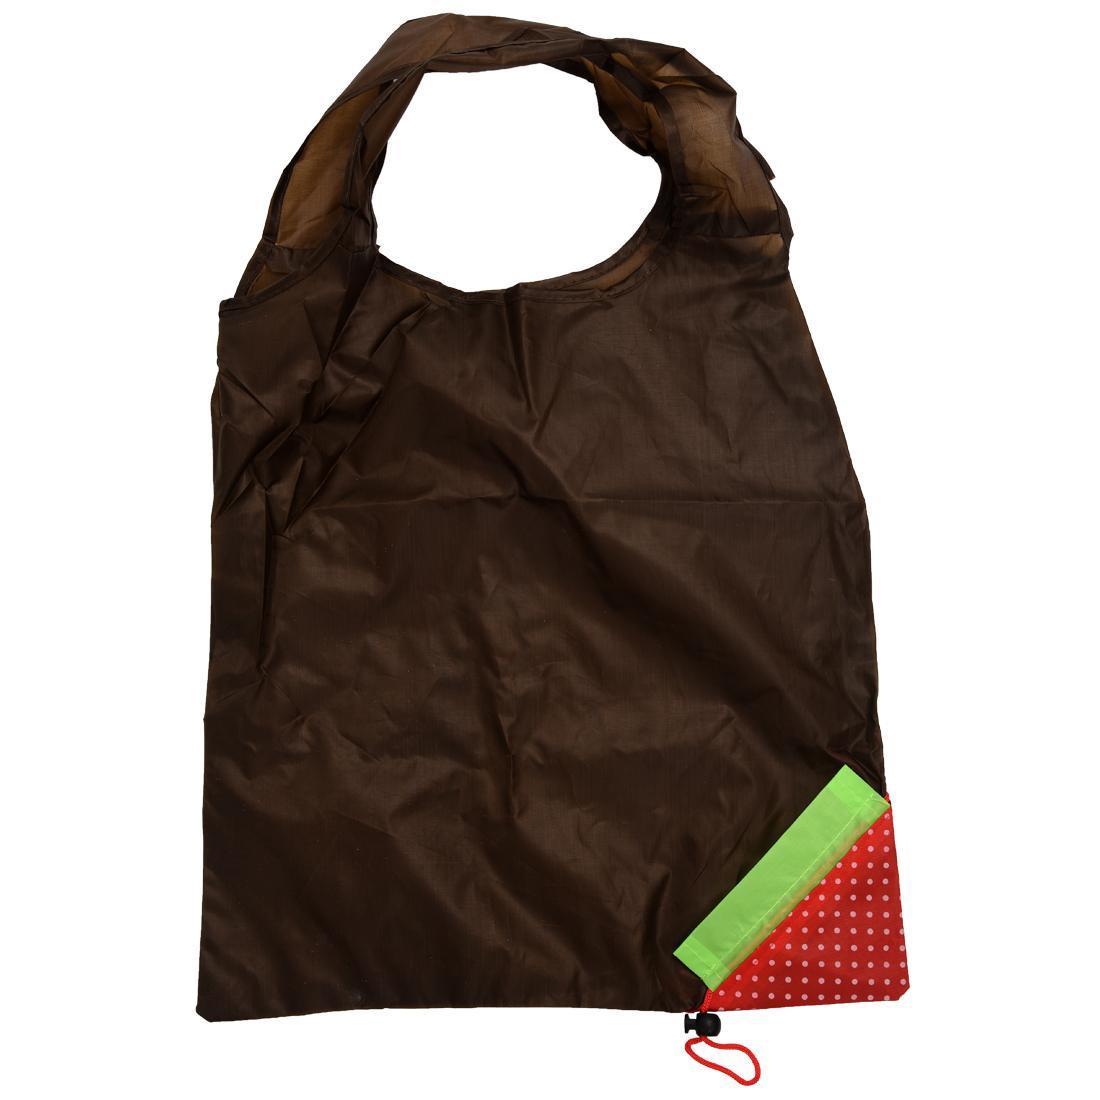 Morango original que dobra o nylon compacto reusável do saco de compras de Eco